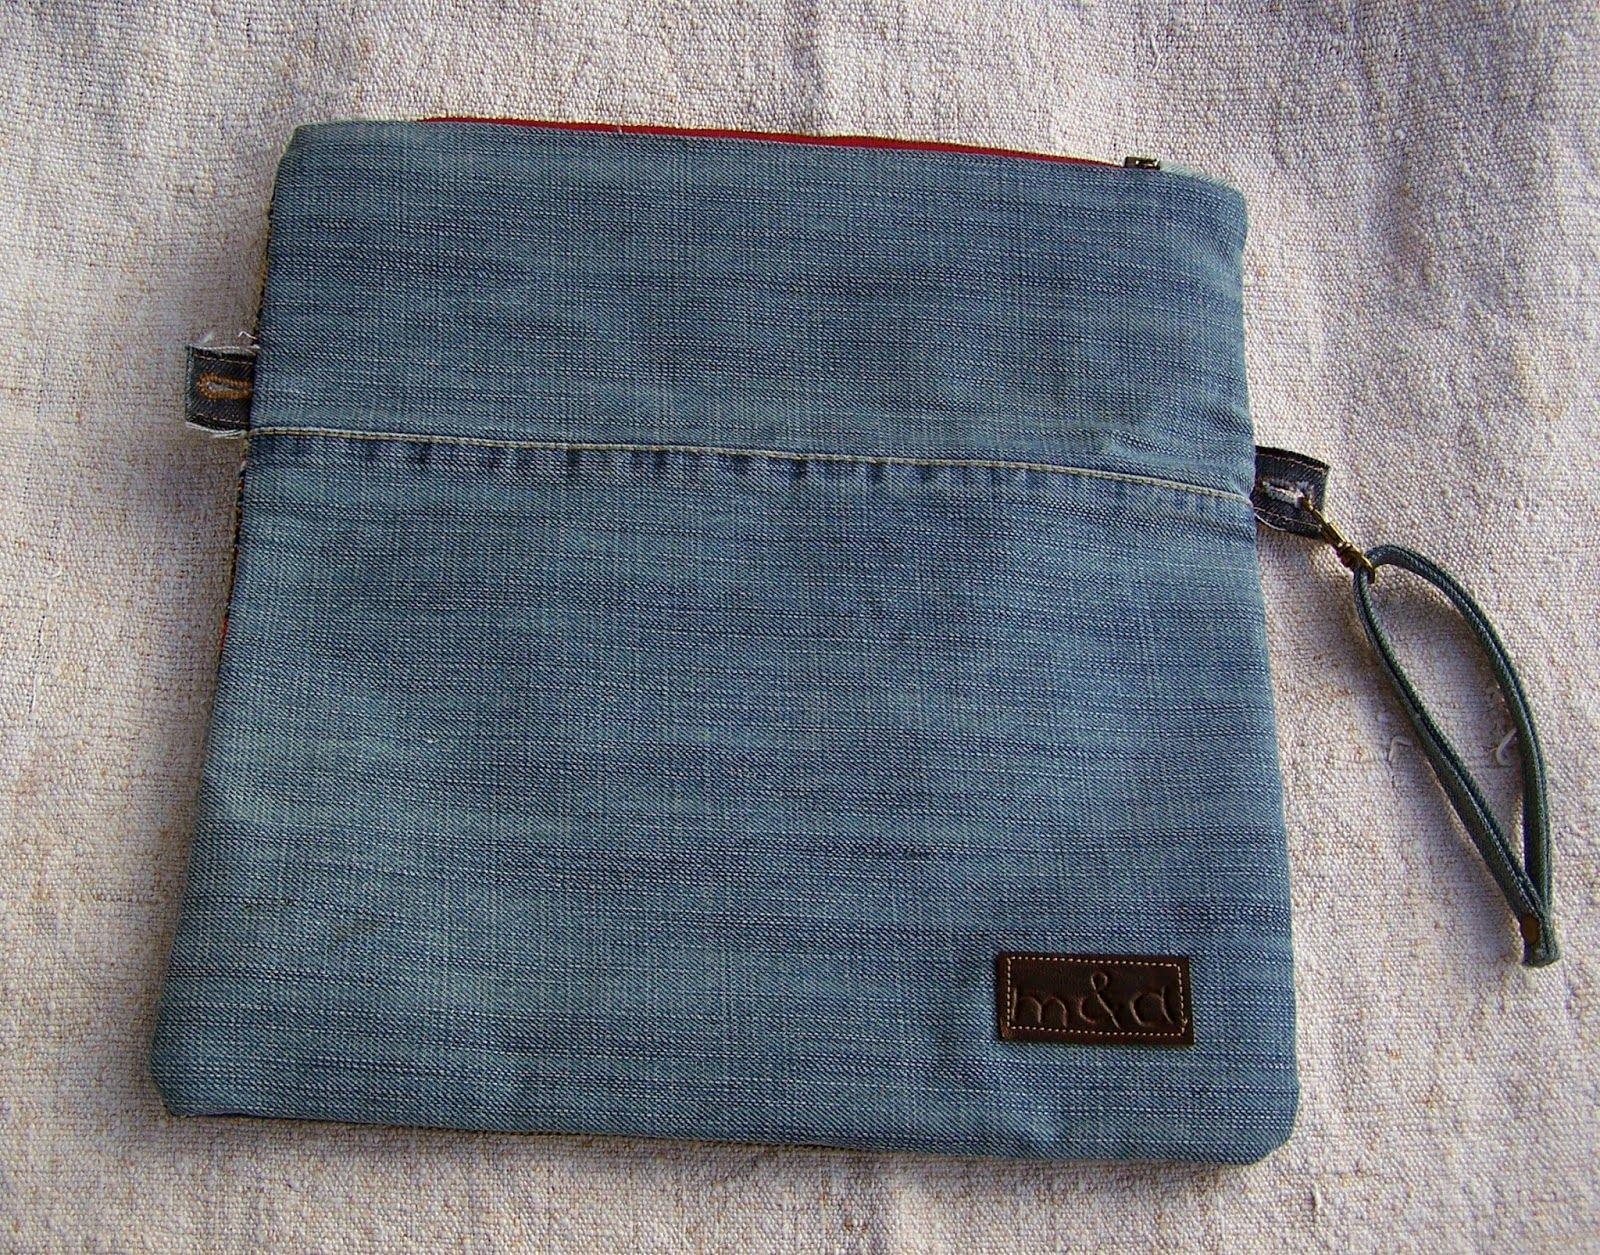 blog sobre manualidades, reciclaje, ideas de costura, patrones y tutoriales.